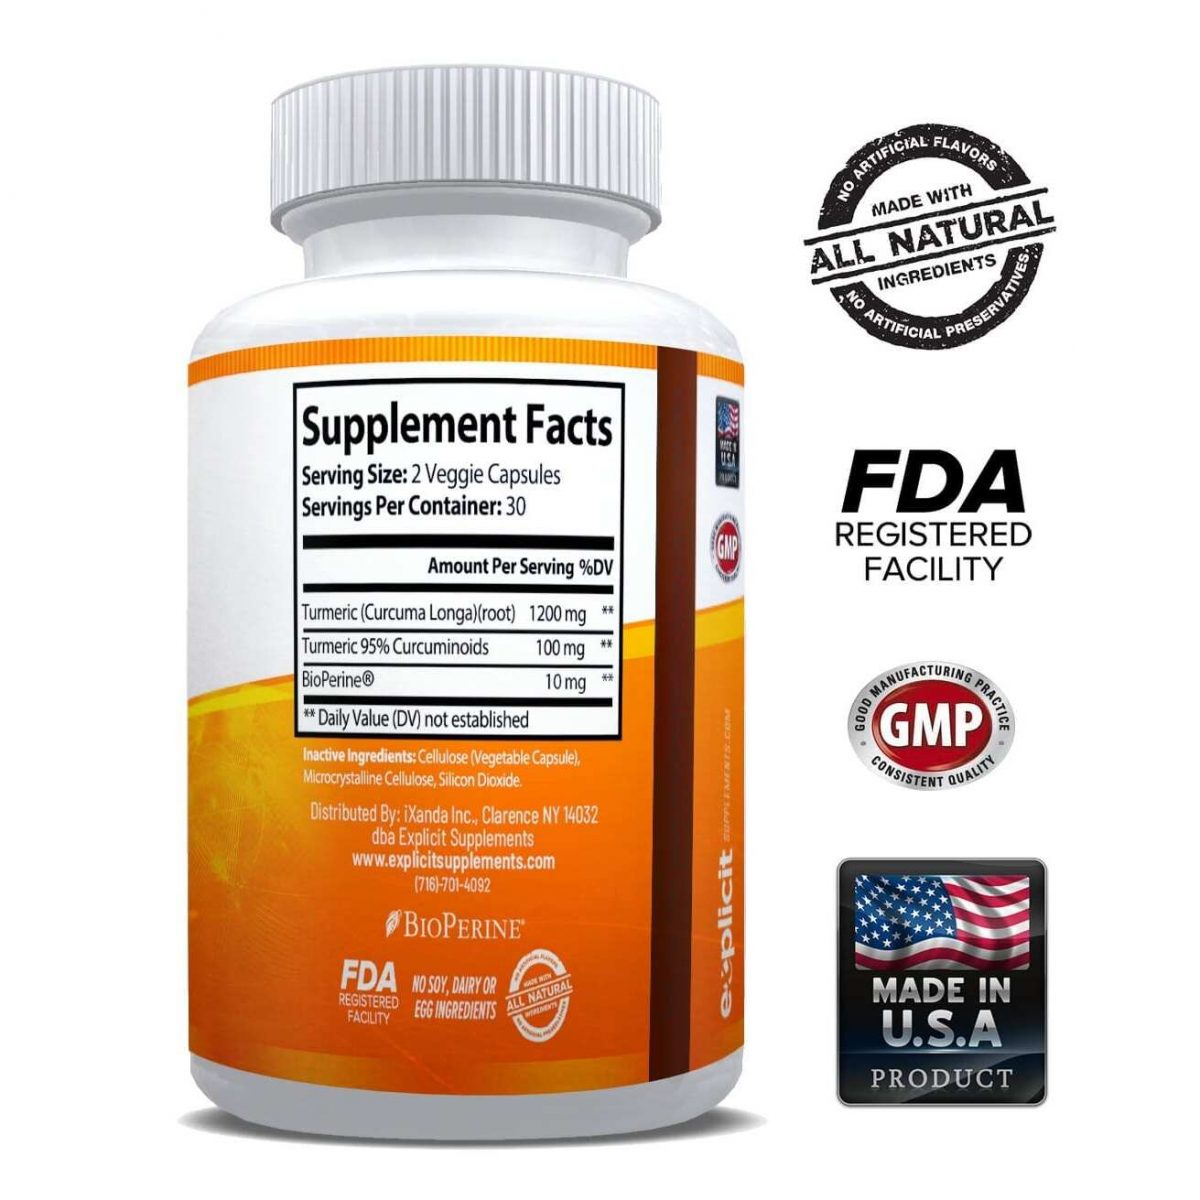 Natural Turmeric Curcumin (95%) 1300mg Supplement - 60 Capsules-3029